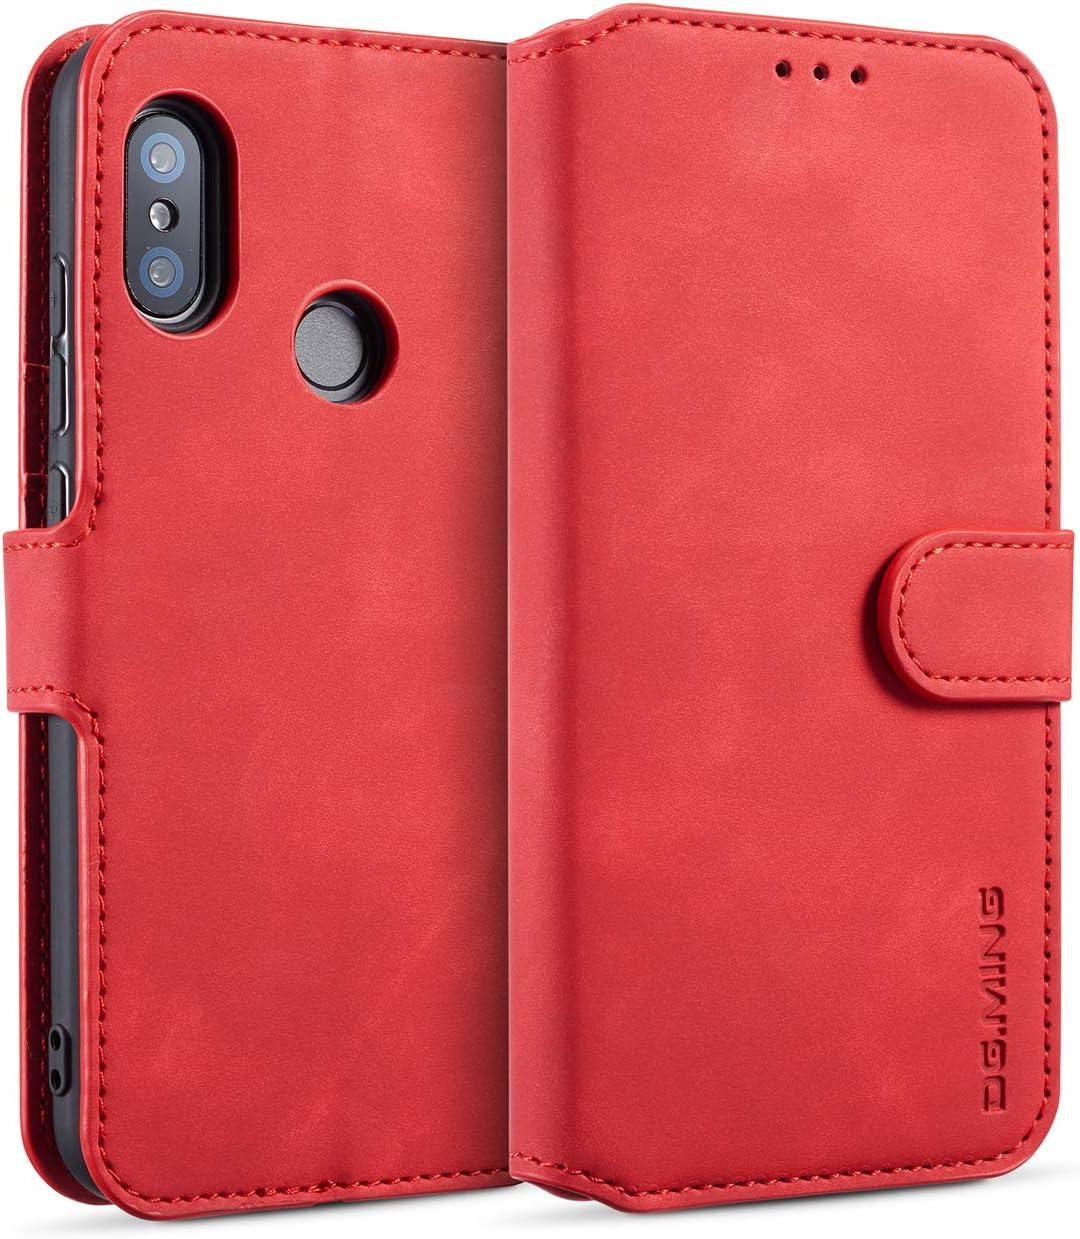 DG.MING Cuero Funda para Xiaomi Mi A2 Lite, Premium Flip Billetera Funda de Cuero [3 Ranuras para Tarjetas][Función de Soporte][Cierre magnético] Carcasa Case Cover